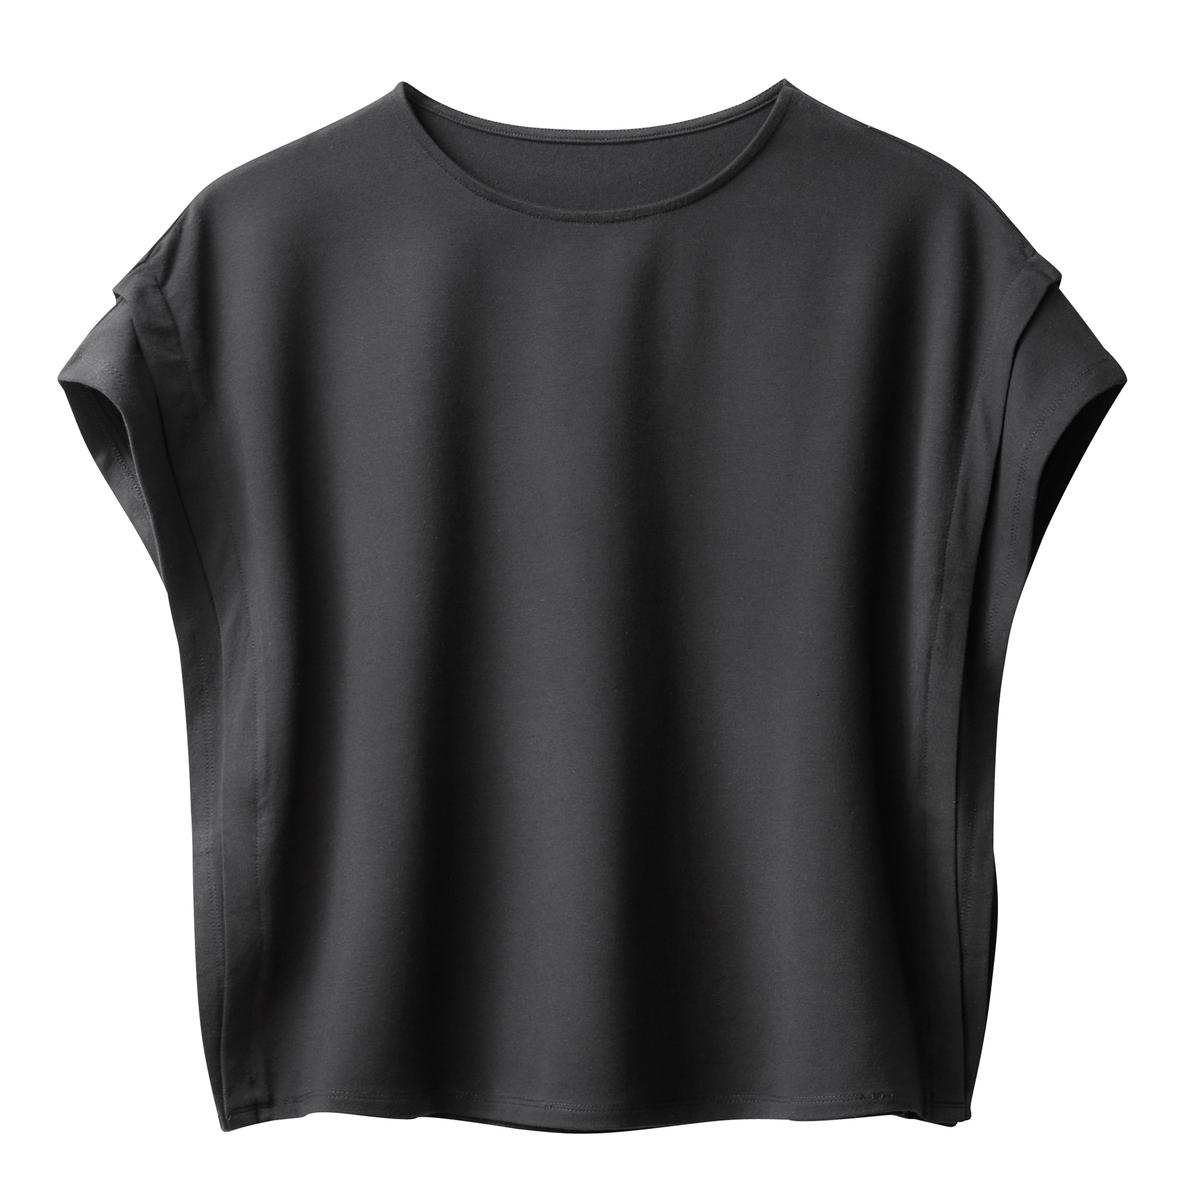 T-shirt plissada dos lados